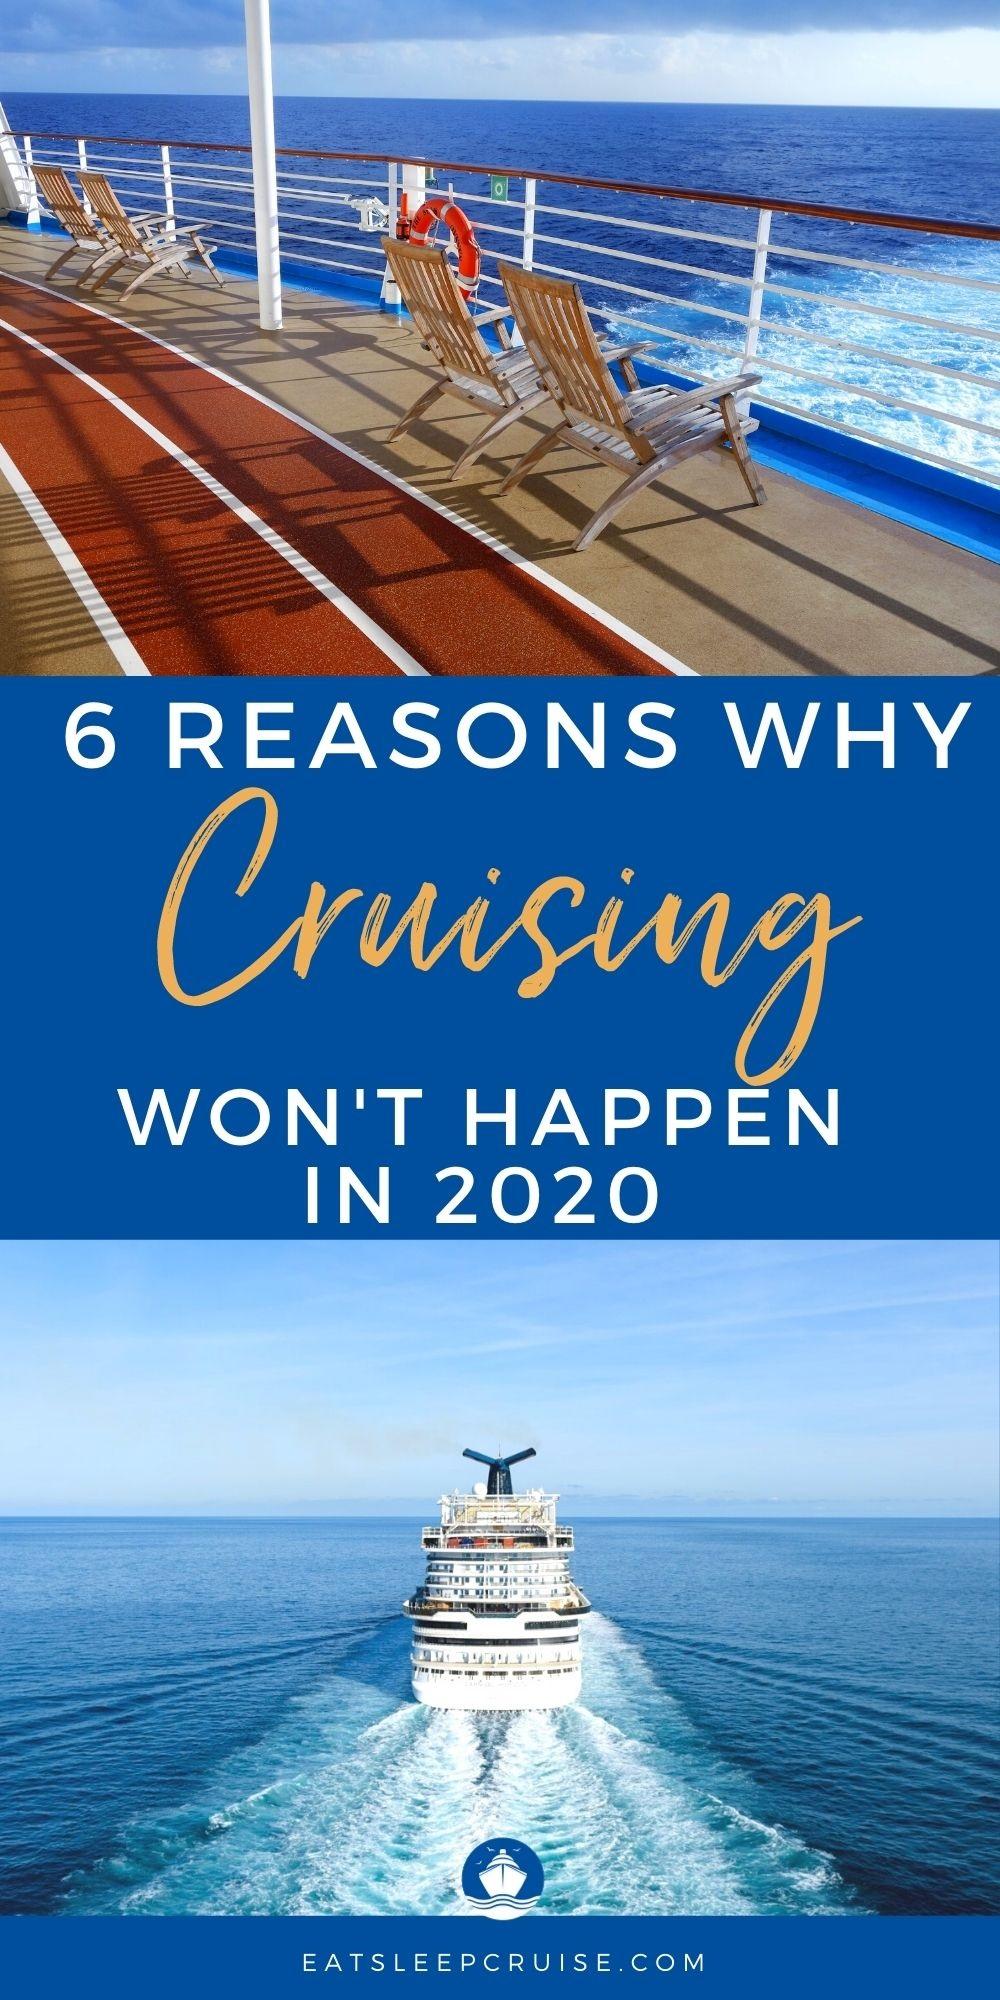 6 Reasons Cruising Wont Restart in 2020